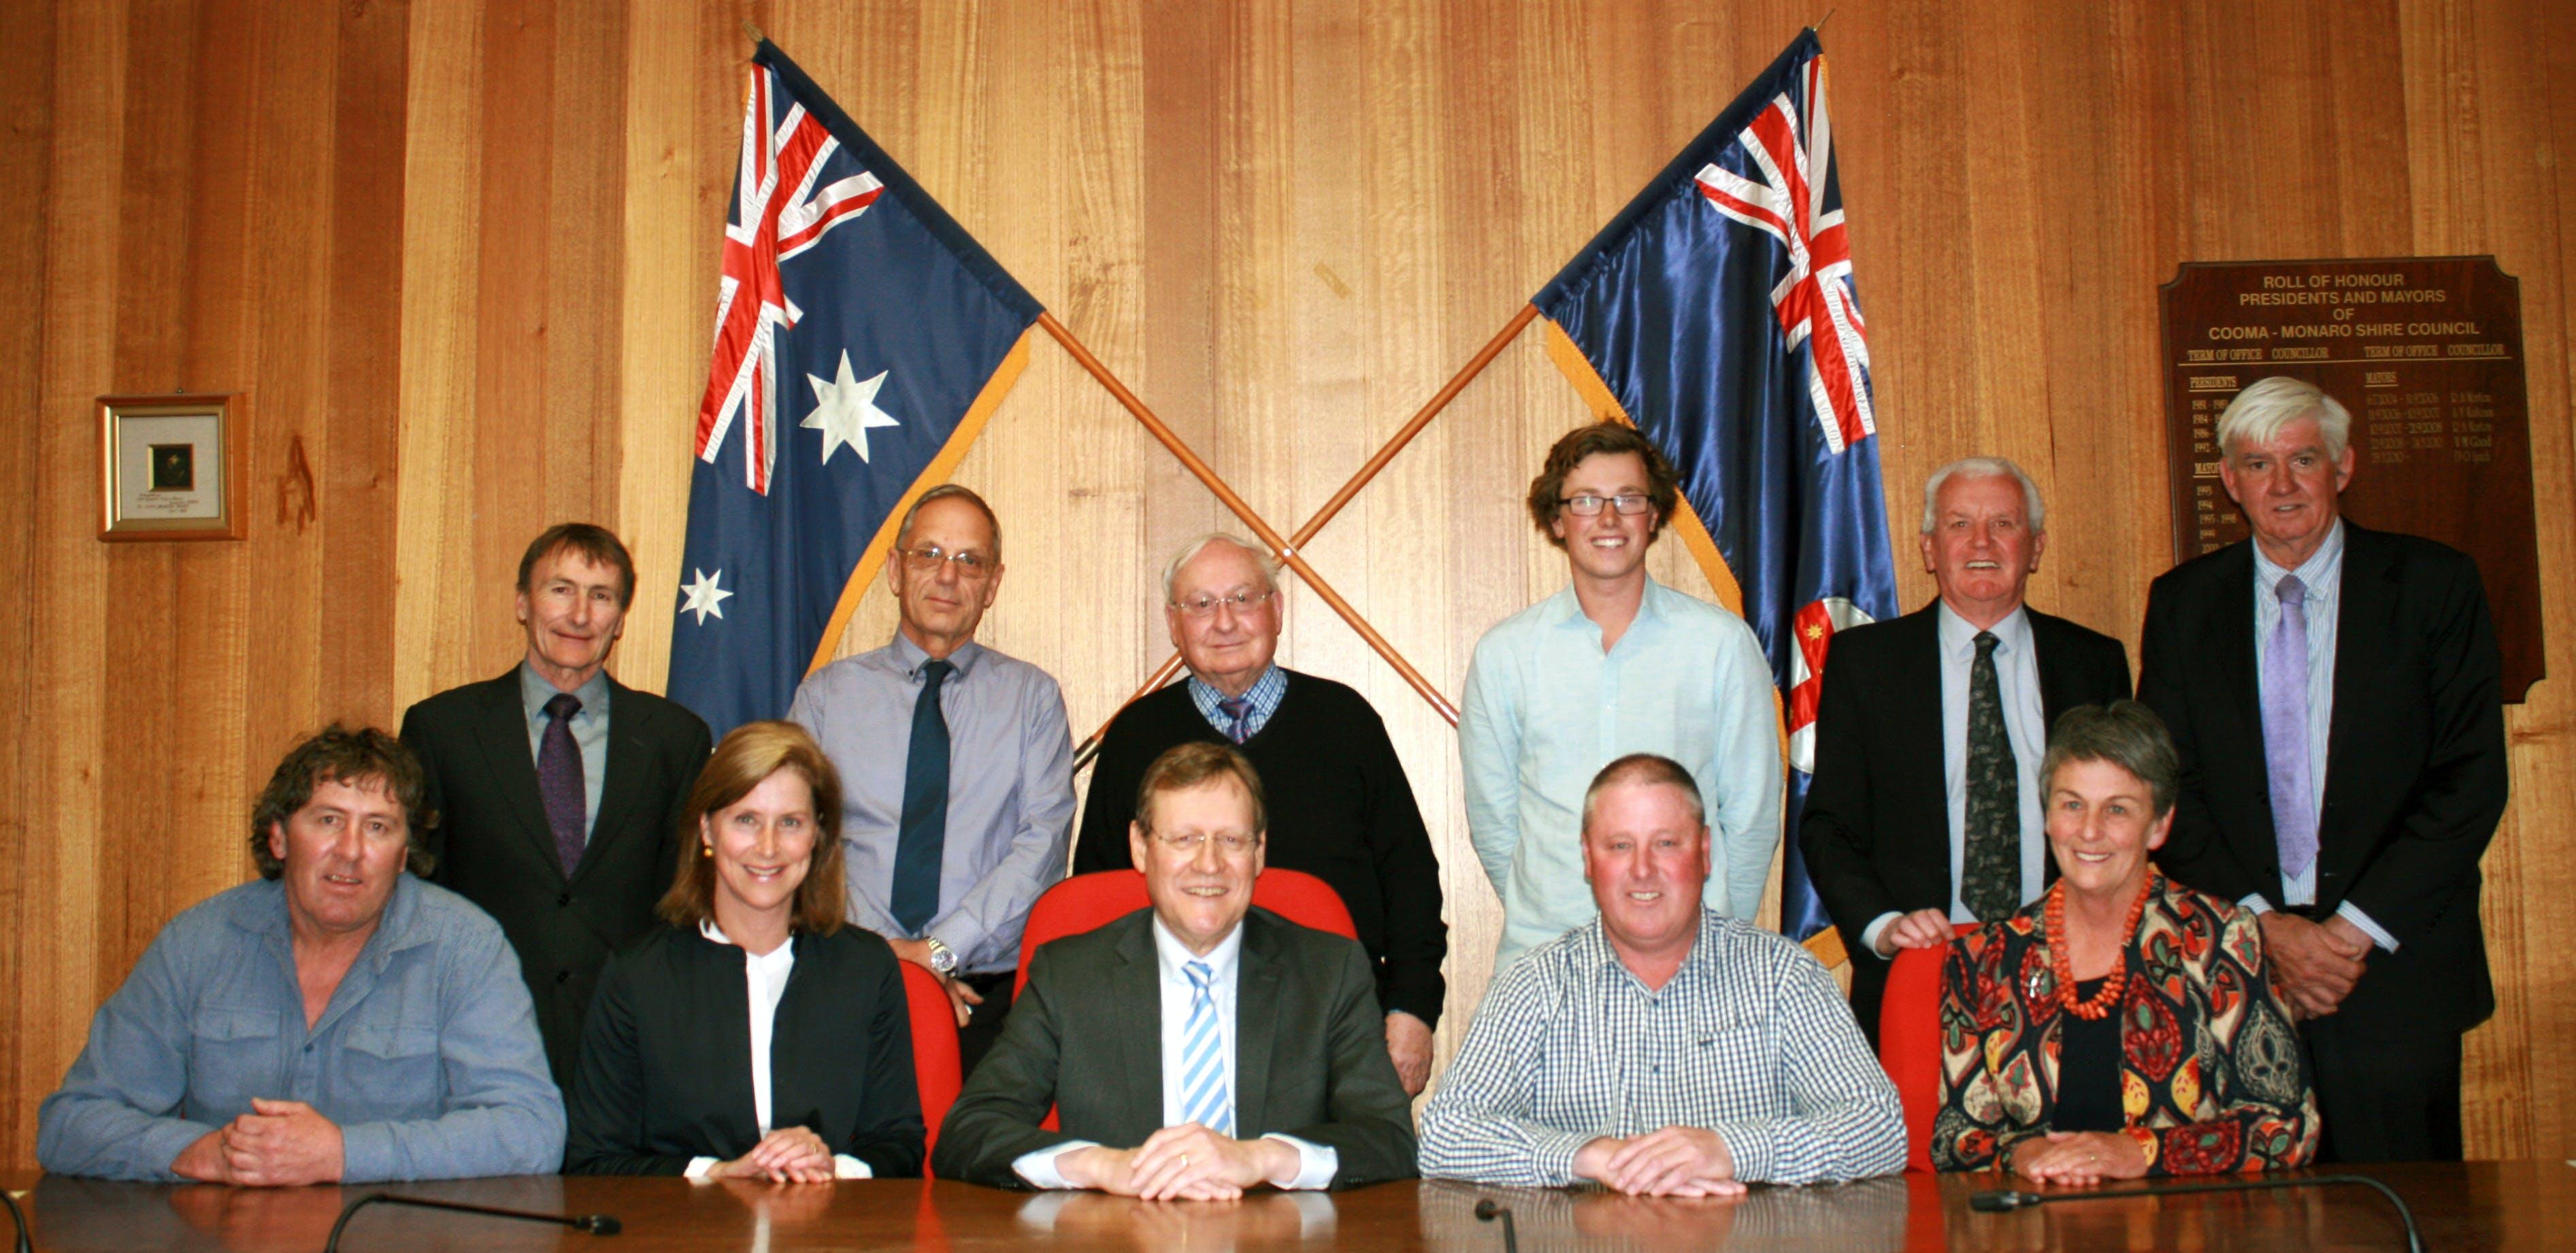 2017 smrc councillors 1